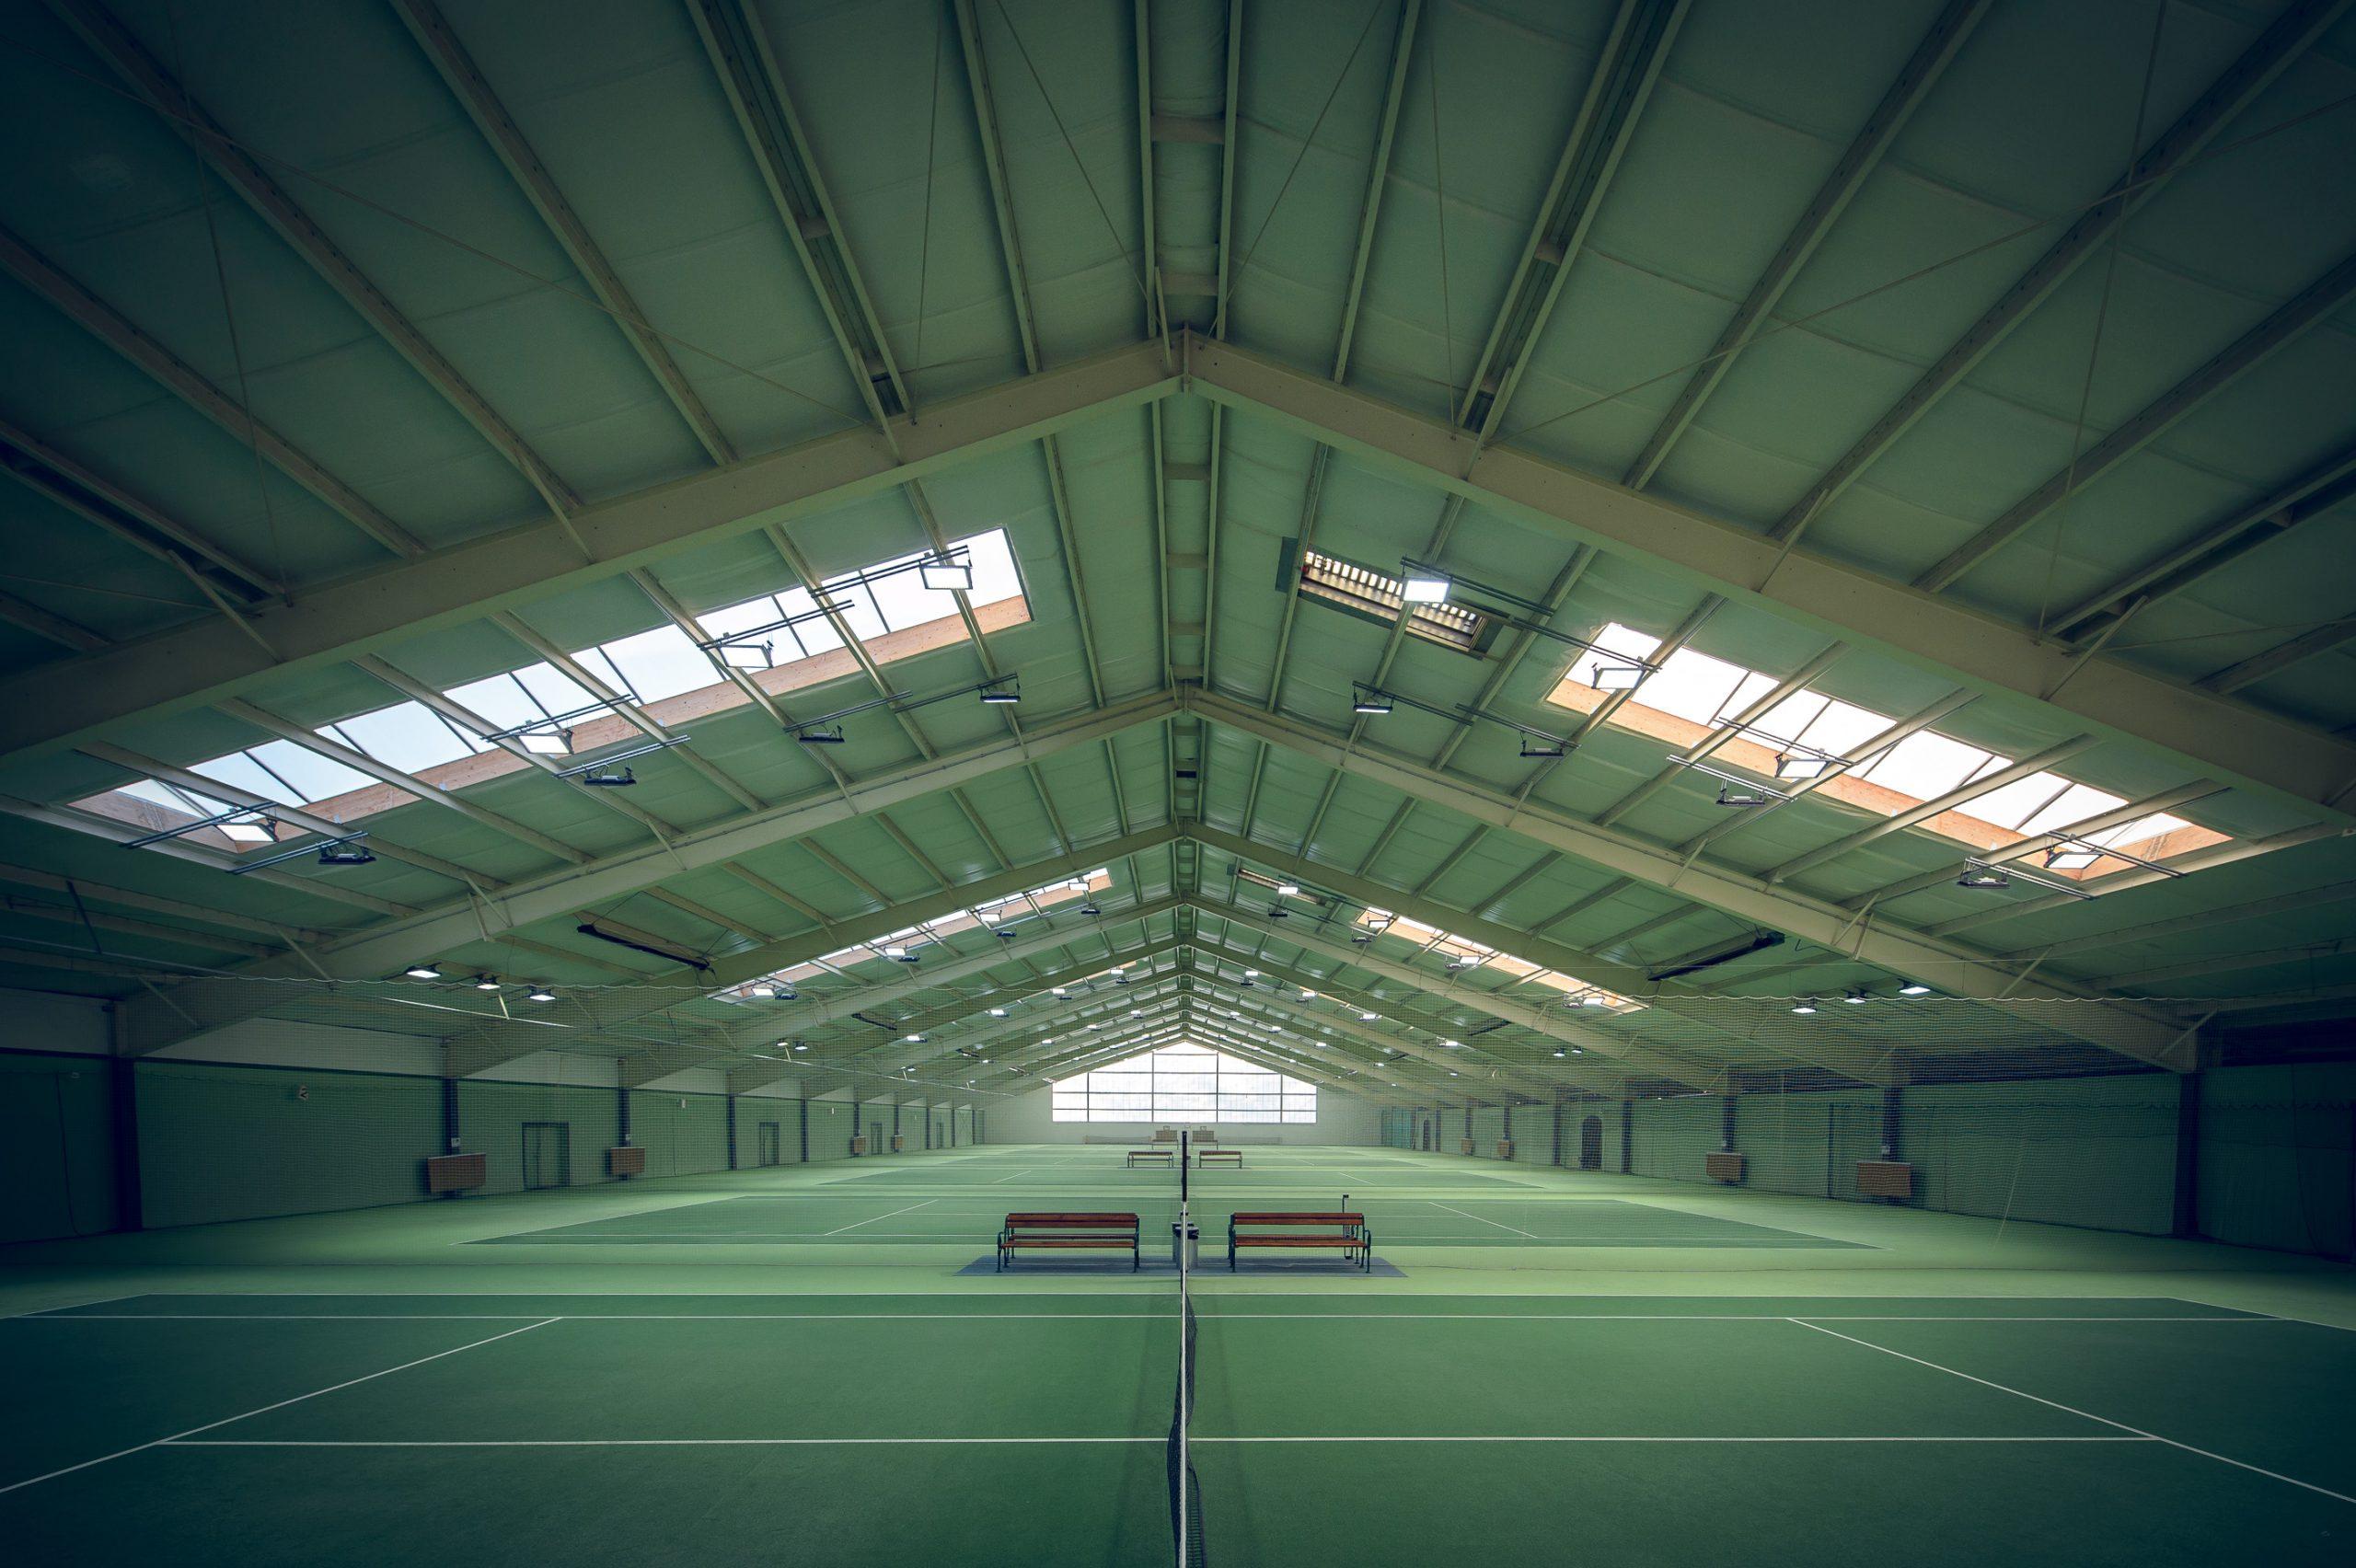 Pressetext 1/2021 – Tennis- und Racketsporthallen gründen Plattform zur Interessensvertretung